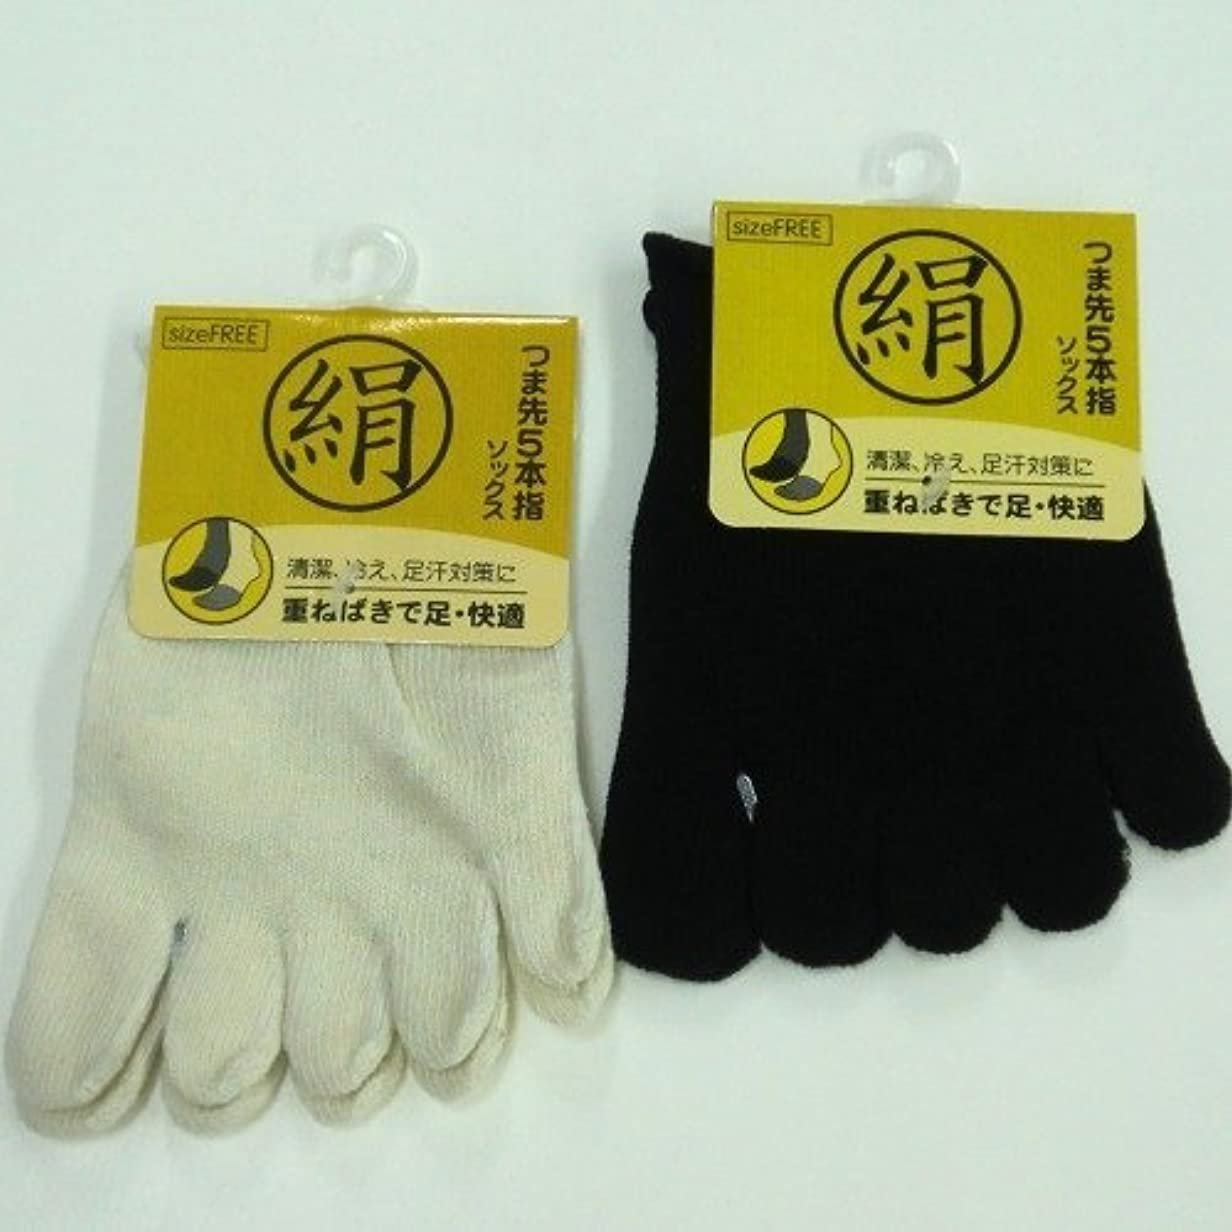 振動するたまに狂うシルク 5本指ハーフソックス 足指カバー 天然素材絹で抗菌防臭 4足組